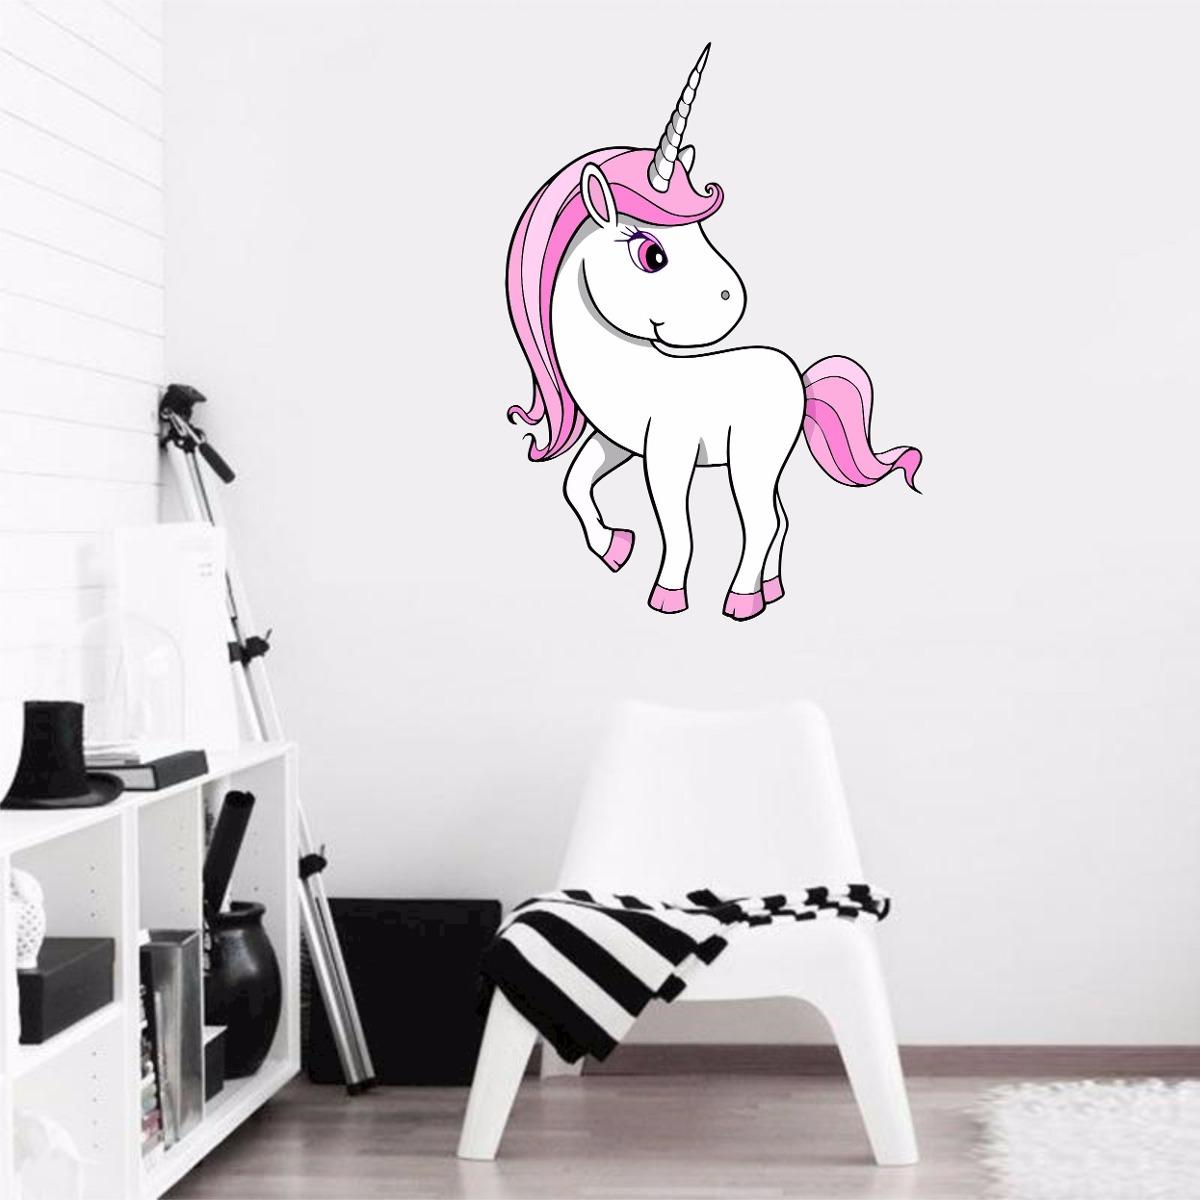 Adesivo De Parede Arvore Infantil ~ Adesivo Parede Quarto Infantil Unicórnio Cavalo Animais R$ 44,99 em Mercado Livre